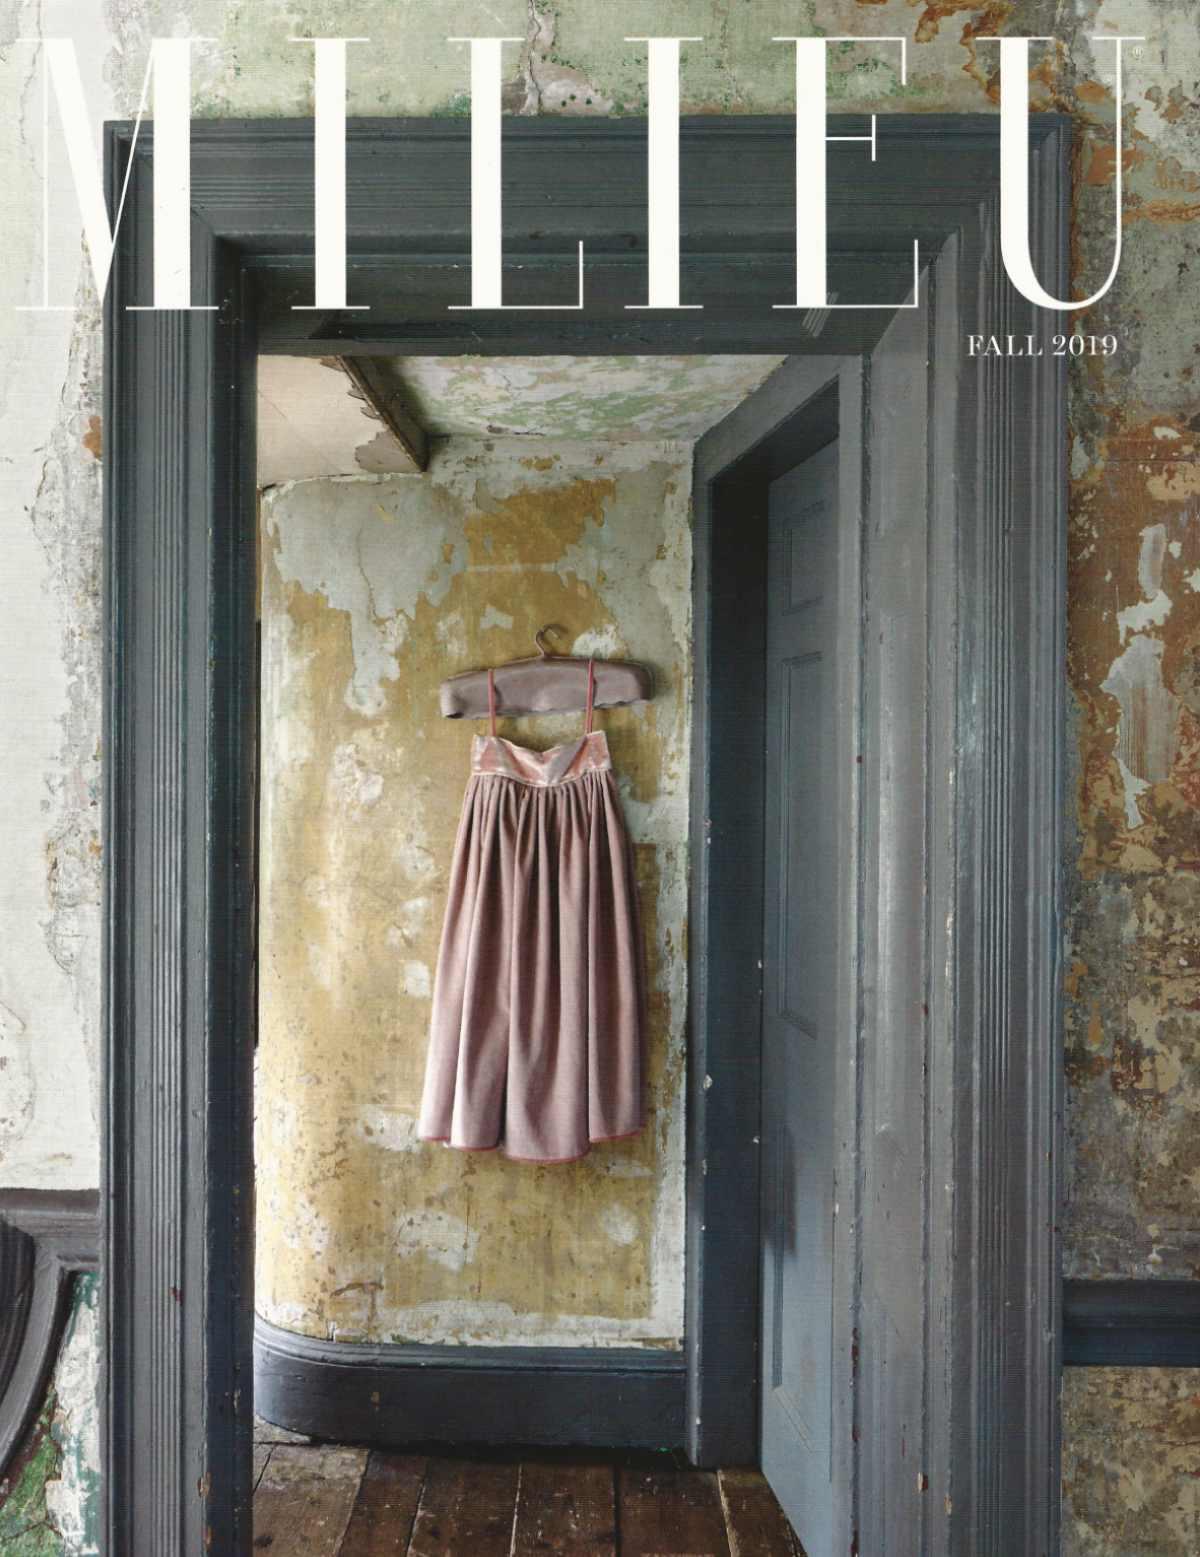 MILIEU FALL 2019